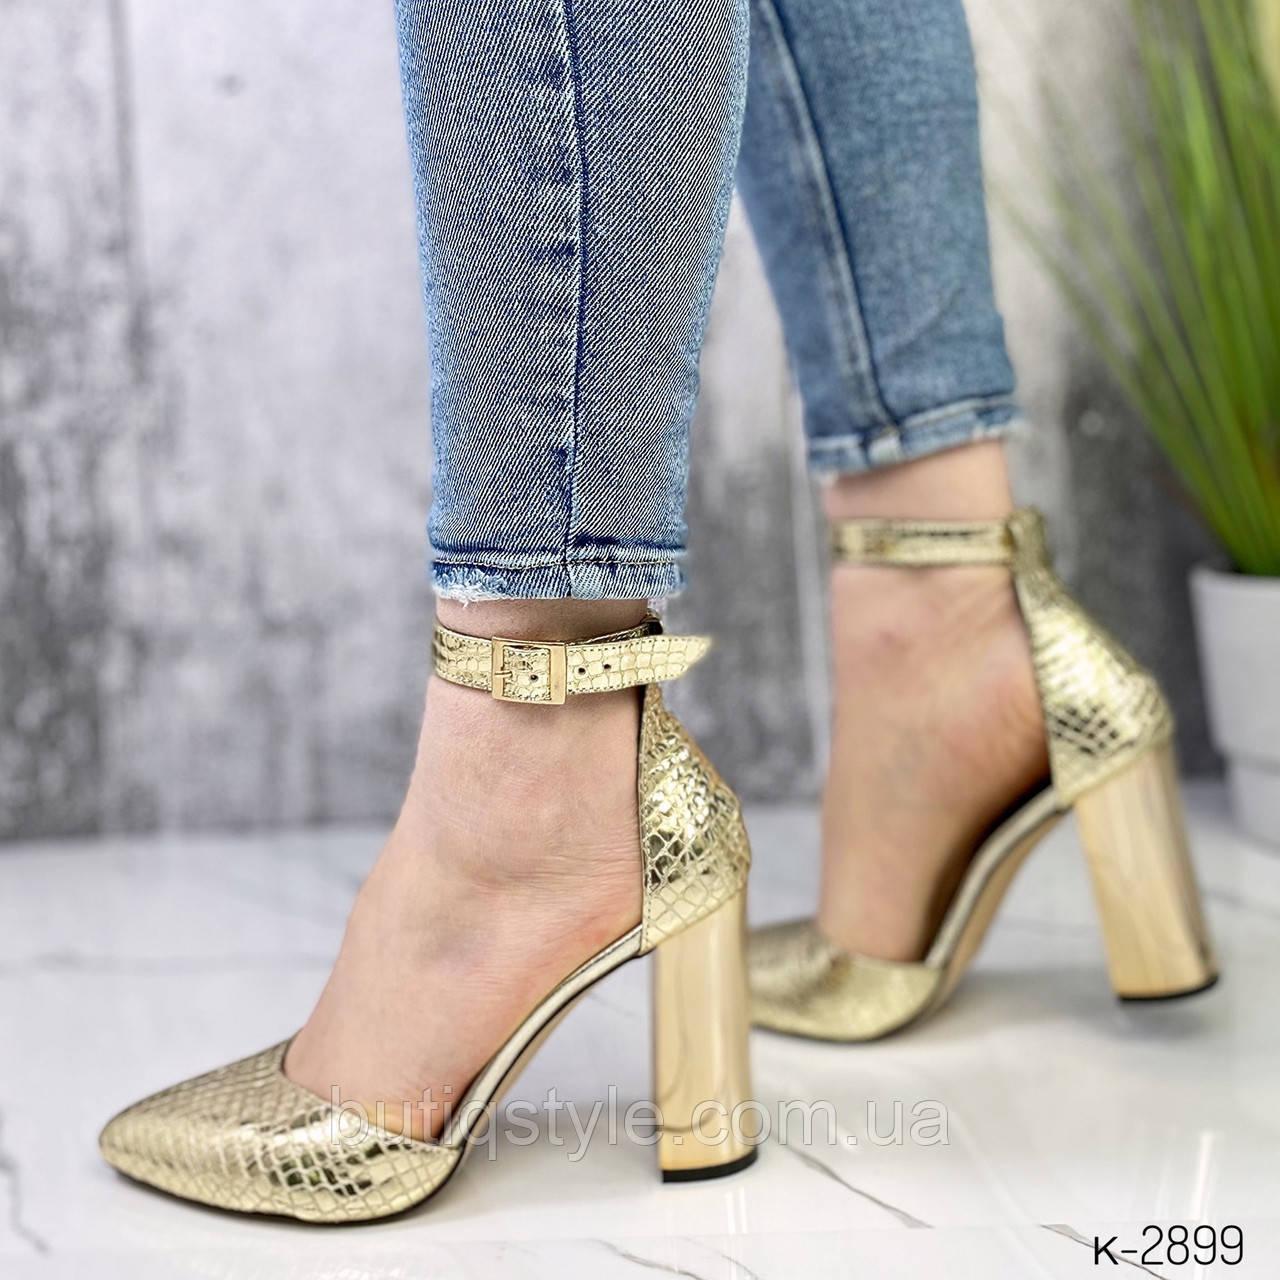 Жіночі золотисті туфлі натуральна шкіра з тисненням